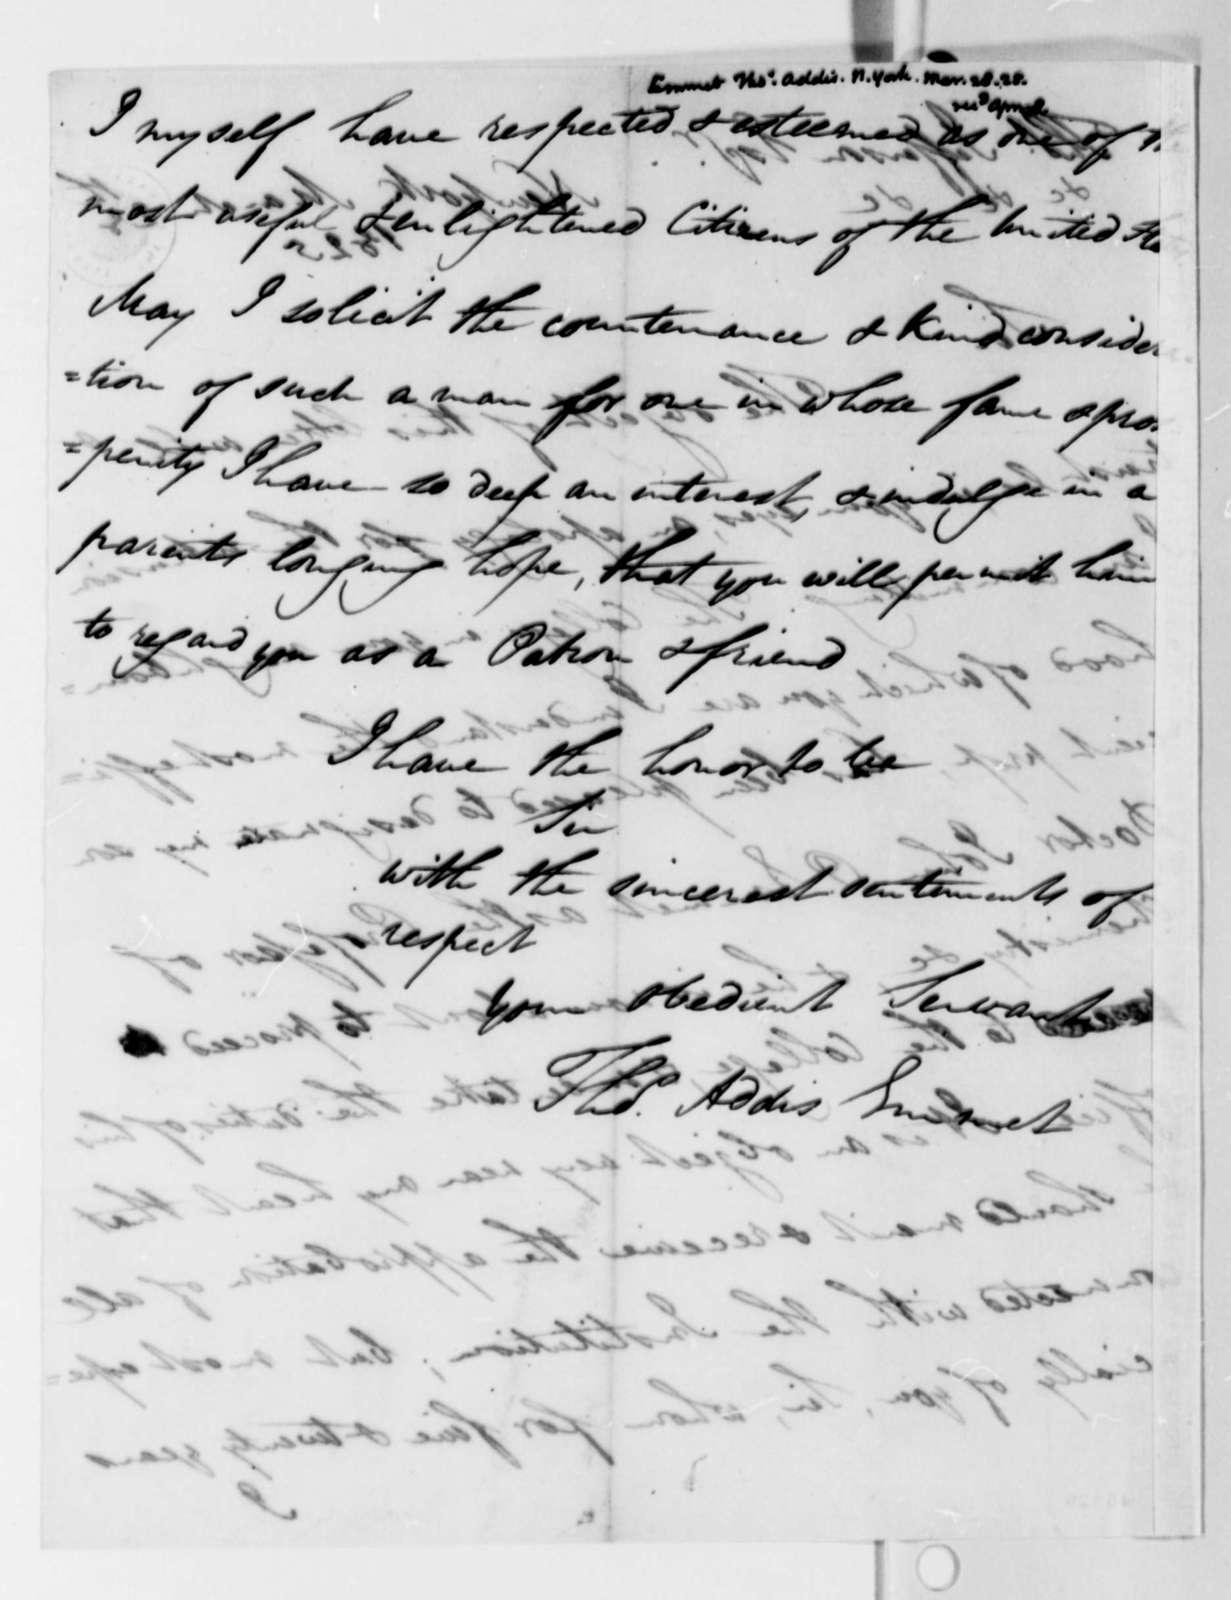 Thomas Addis Emmet to Thomas Jefferson, March 28, 1825